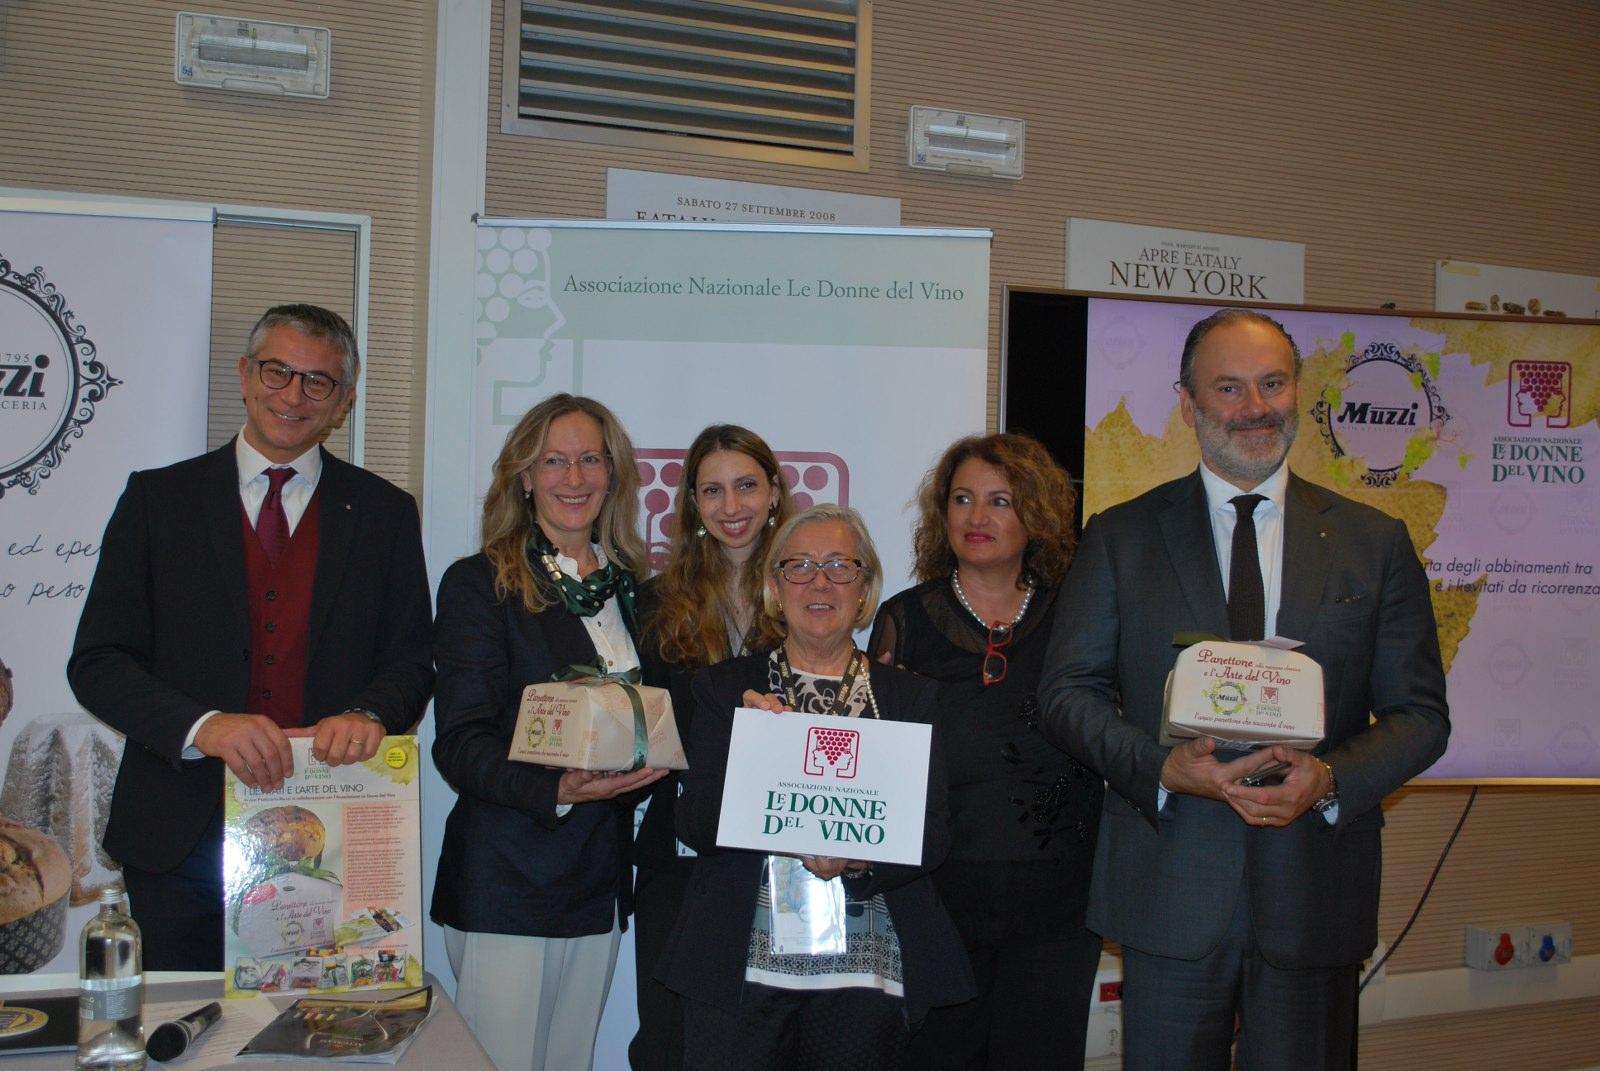 Il Panettone e l'Arte del Vino  Milano 8 ottobre 2019